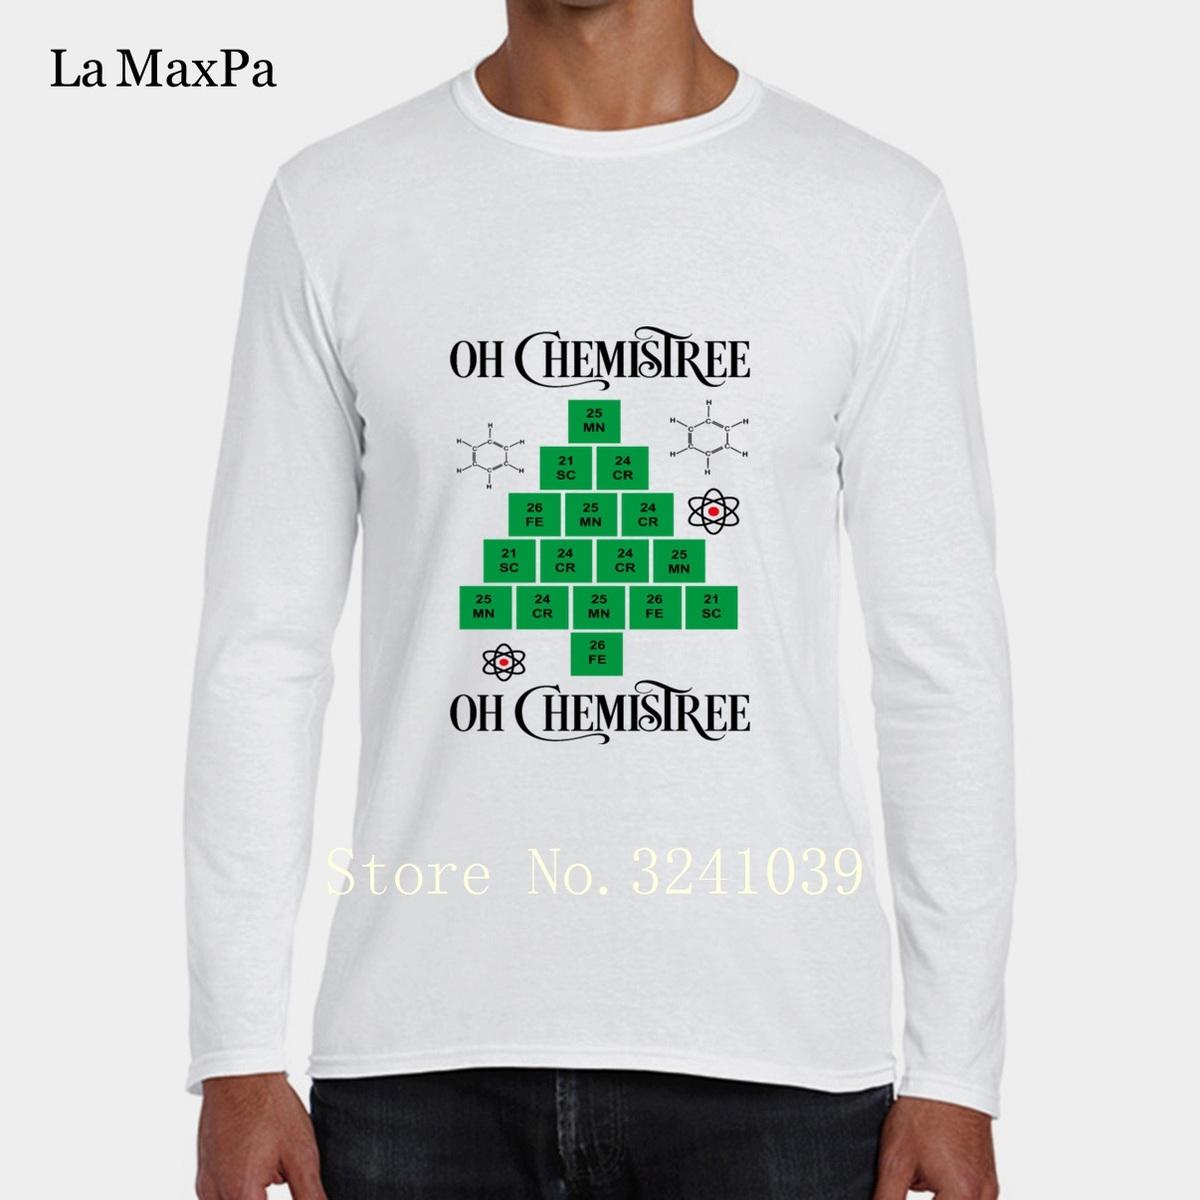 Fai la moda personalizzata più nuova Tee Shirt Uomo Chemistree Original T-Shirt Man Primavera Autunno Crew Neck Streetwear Regular Tshirt